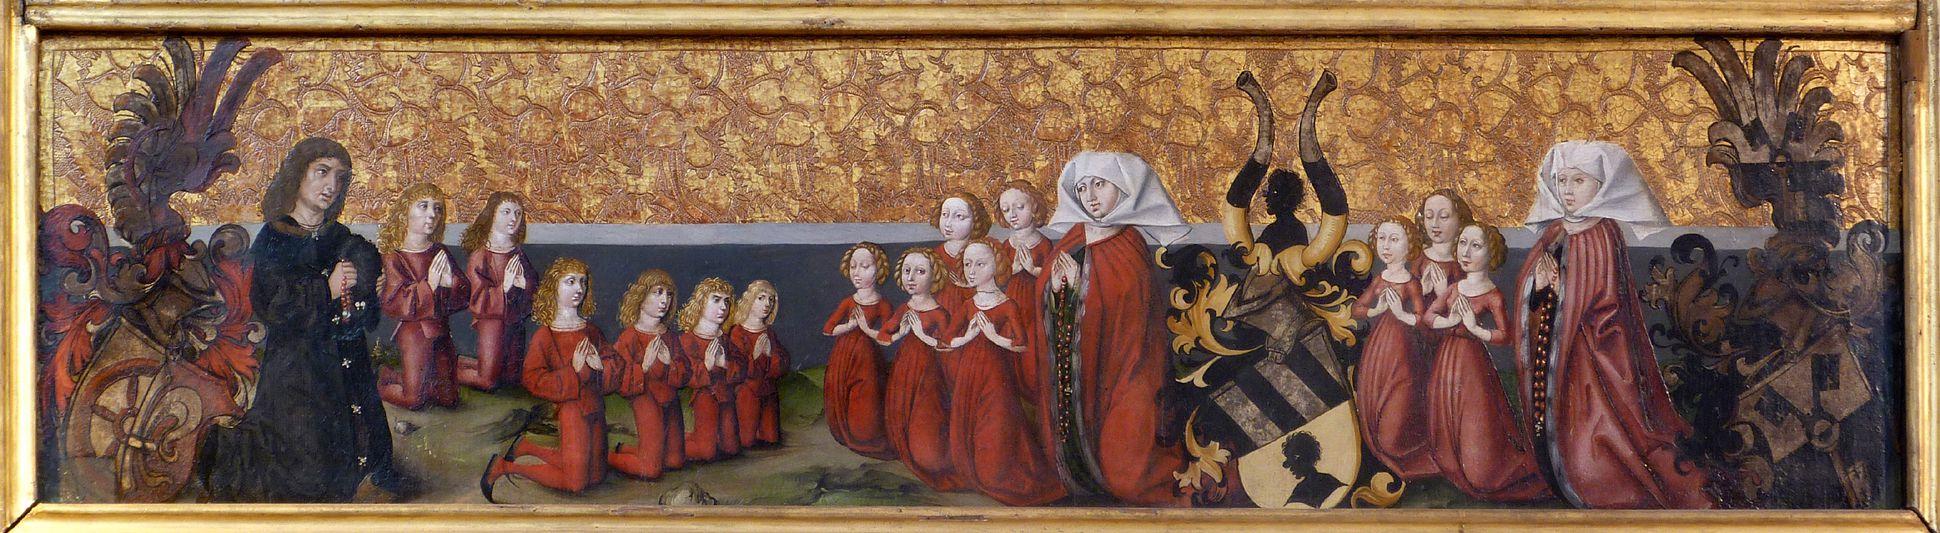 Himmelfahrt Christi unteres Bild mit der Stifterfamilie